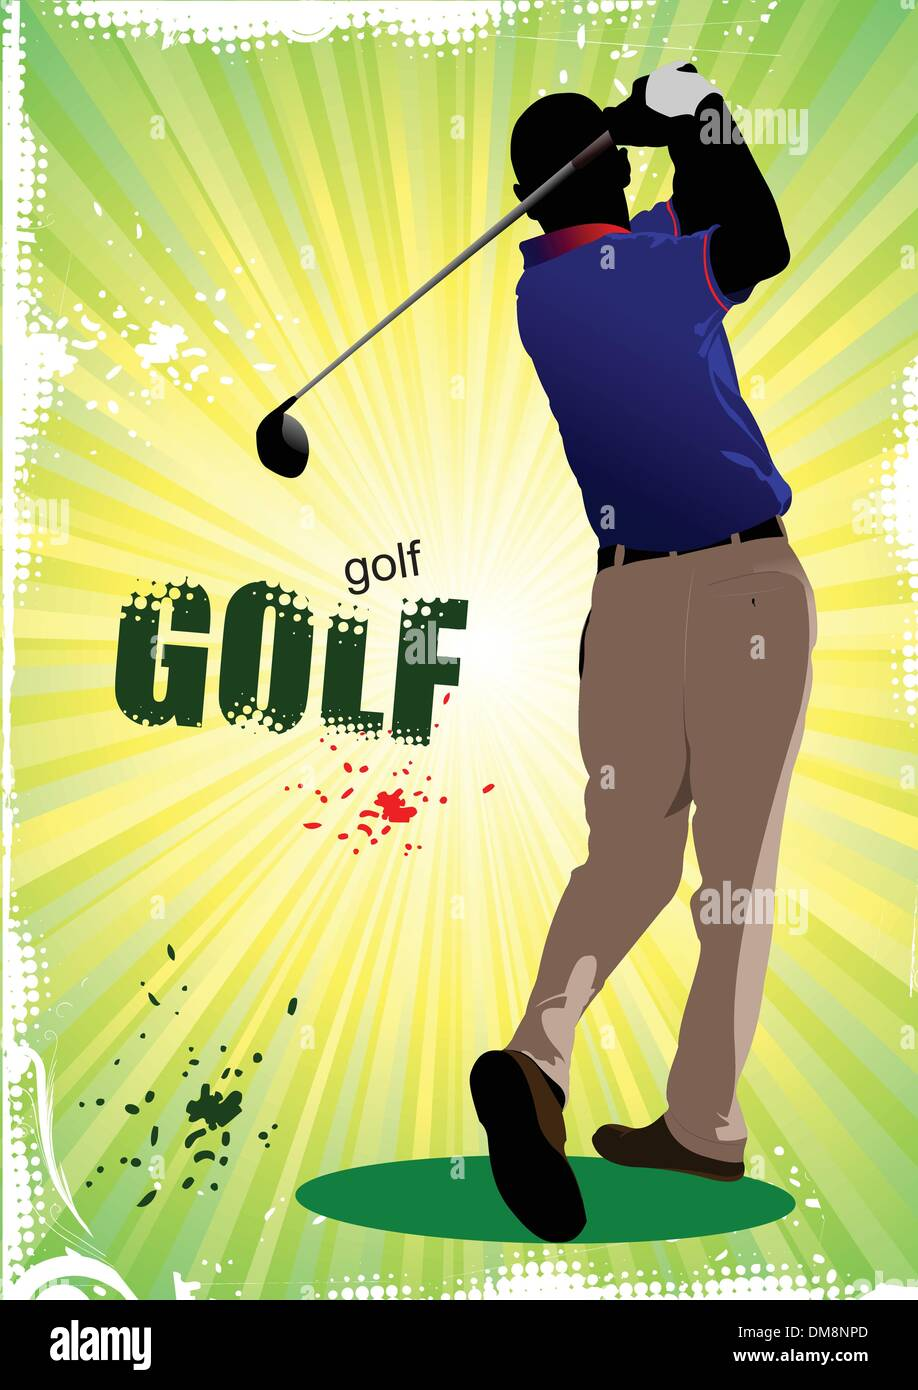 Poster mit Golf-Spieler. Vektor-illustration Stockbild